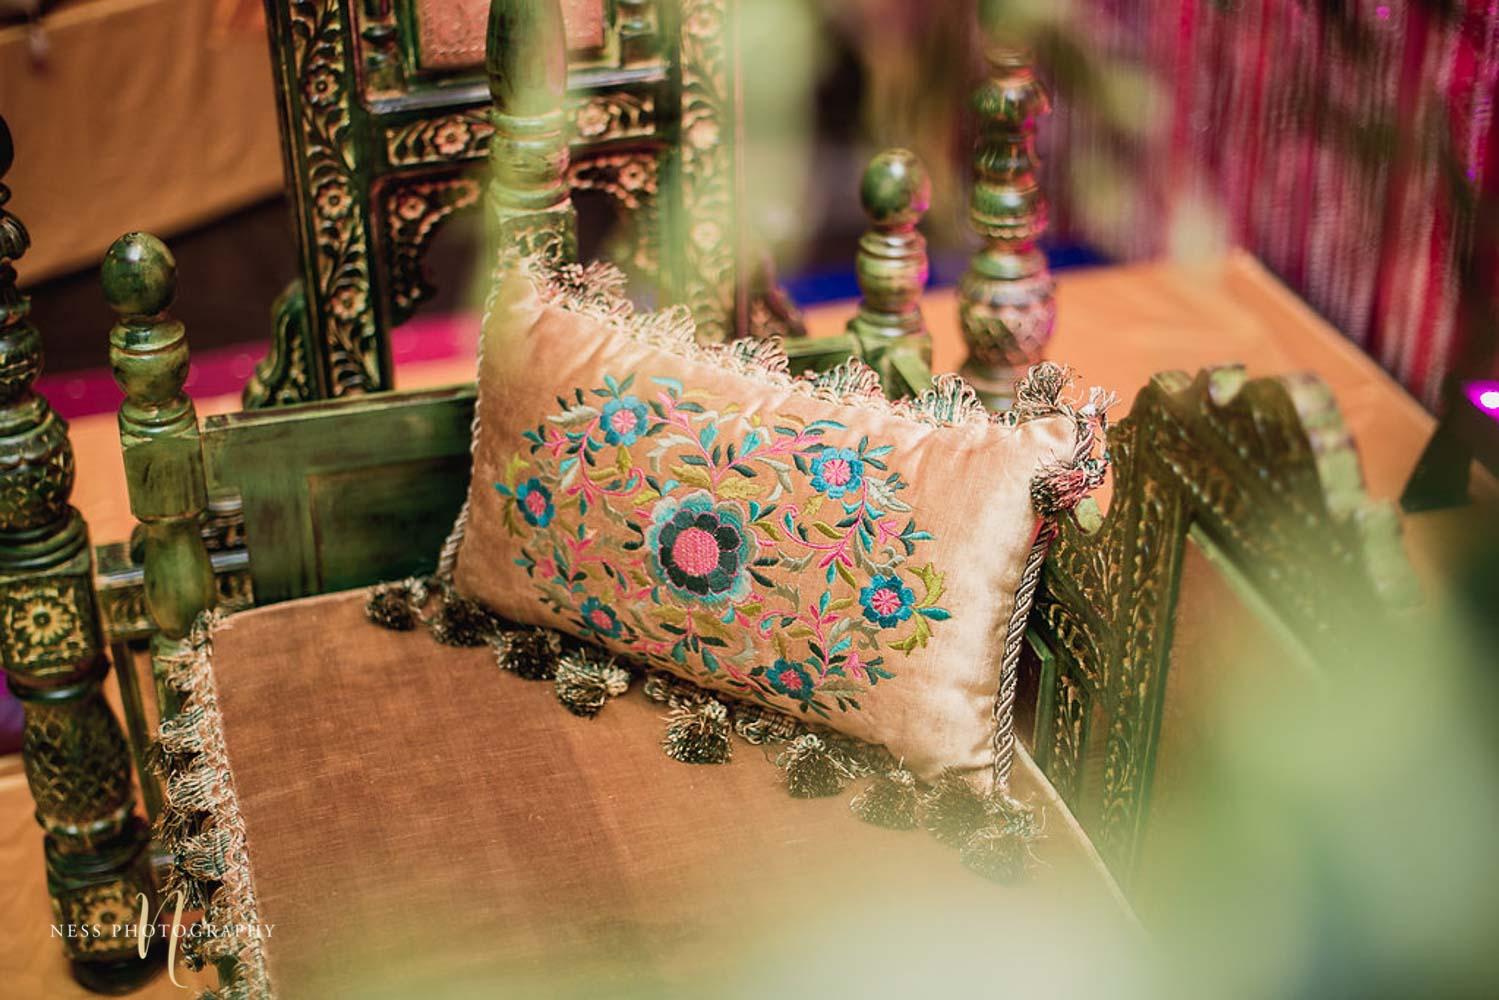 mehendi decor using pillows in ottawa